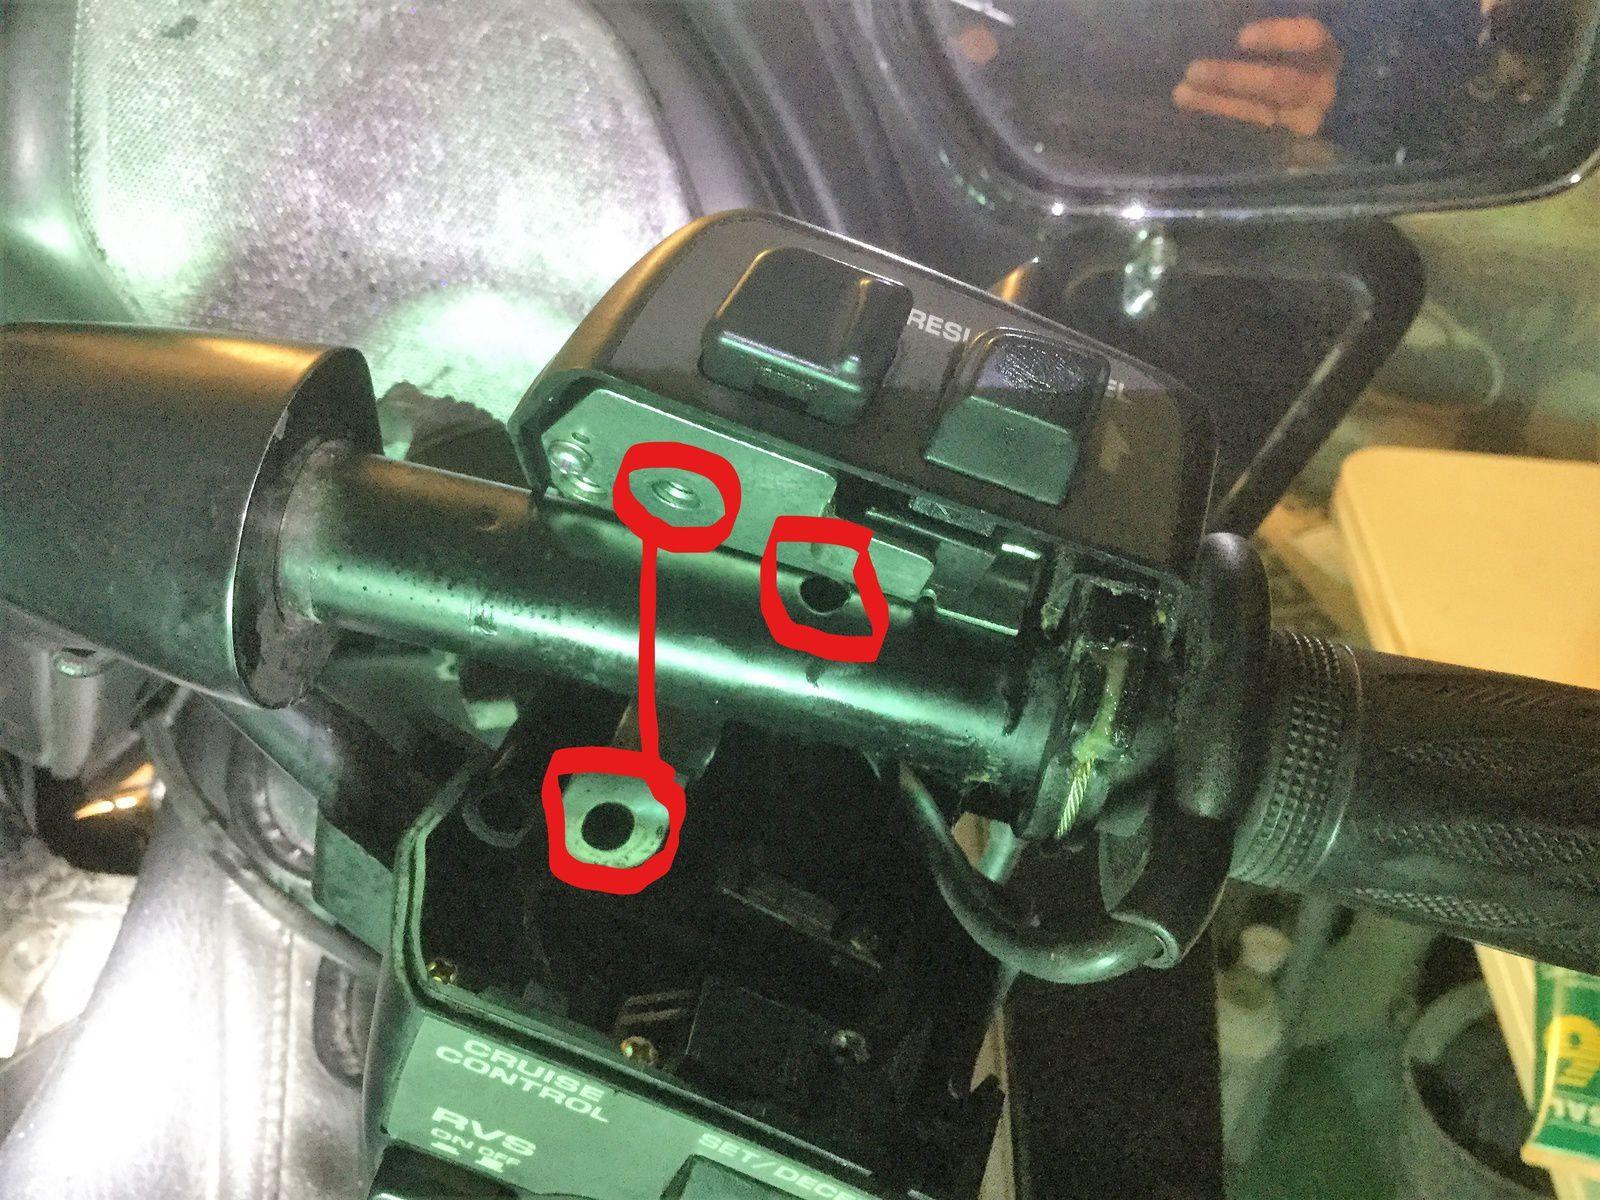 Goldwing Unsersbande 1800 - le bouton du régulateur de vitesse ne revient plus